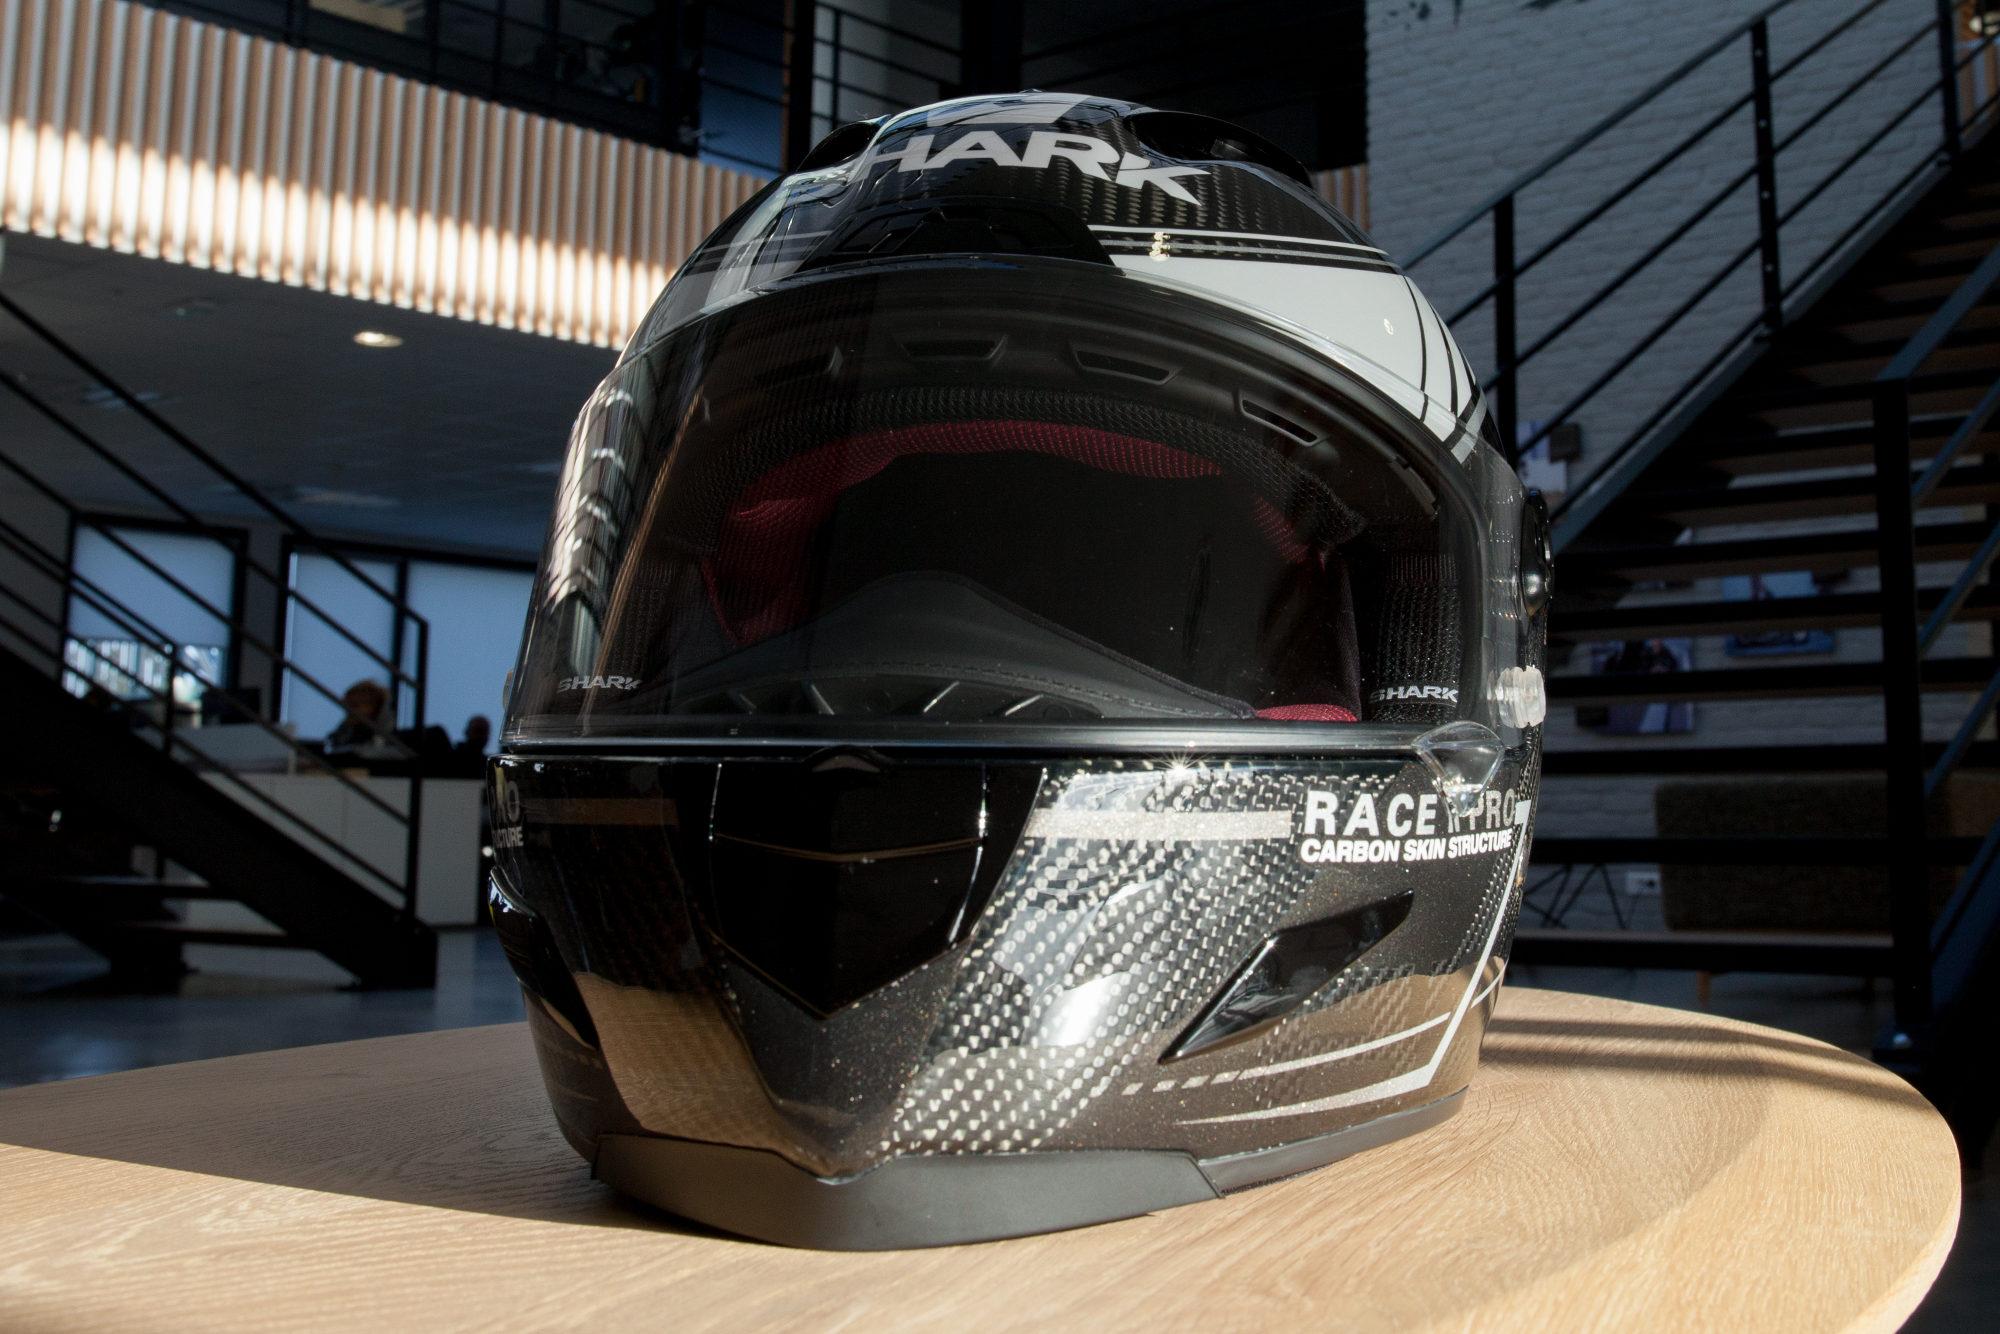 ¡El Race-R Pro ventila muchísimo con las compuertas abiertas!